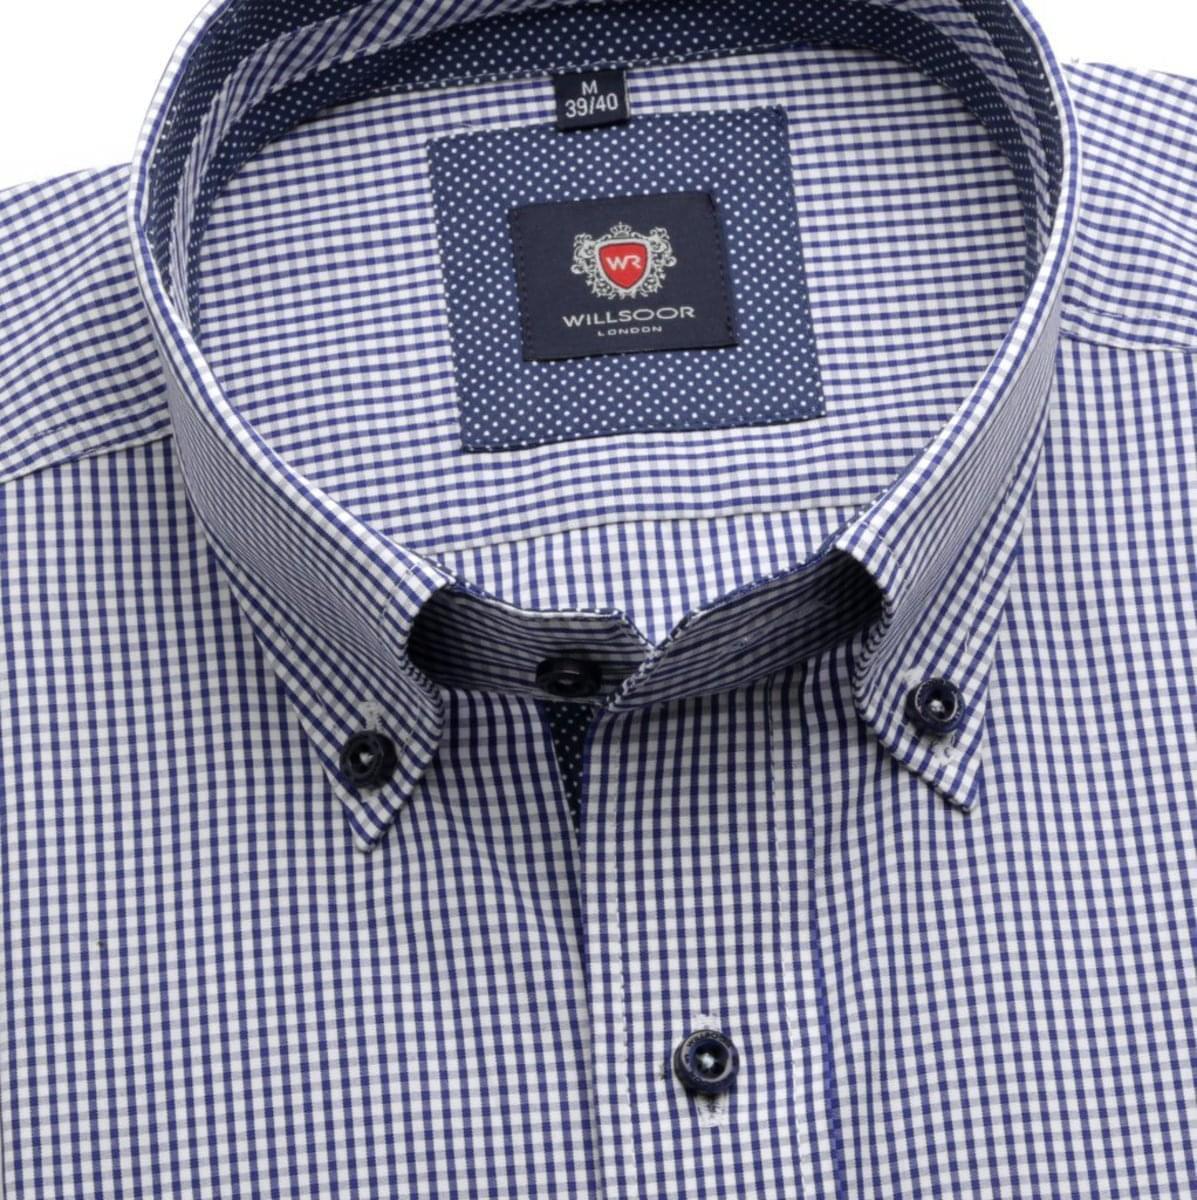 Pánská klasická košile London (výška 188-194) 6077 s bílo-modrou kostkou s formulí Easy Care 188-194 / XL (43/44)